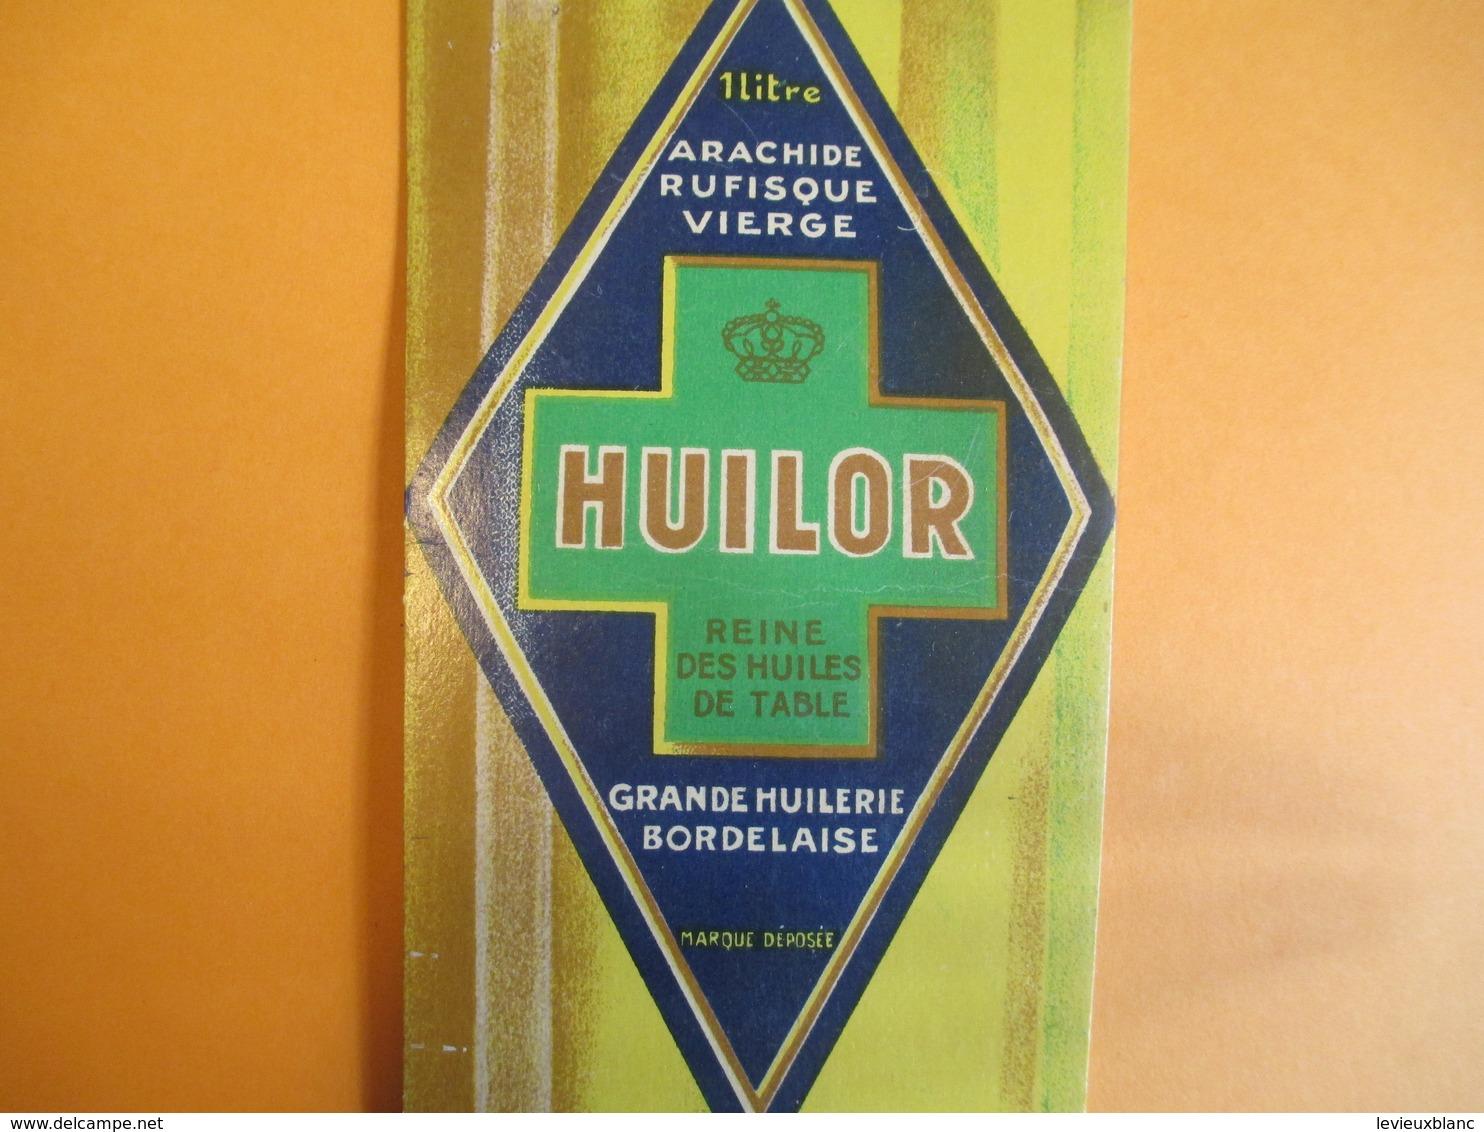 Publicité/ Plaque Carton/ HUILOR/Arachide Rufisque Vierge/Grande Huilerie Bordelaise / BORDEAUX/ Vers 1930-50     BFP203 - Placas De Cartón